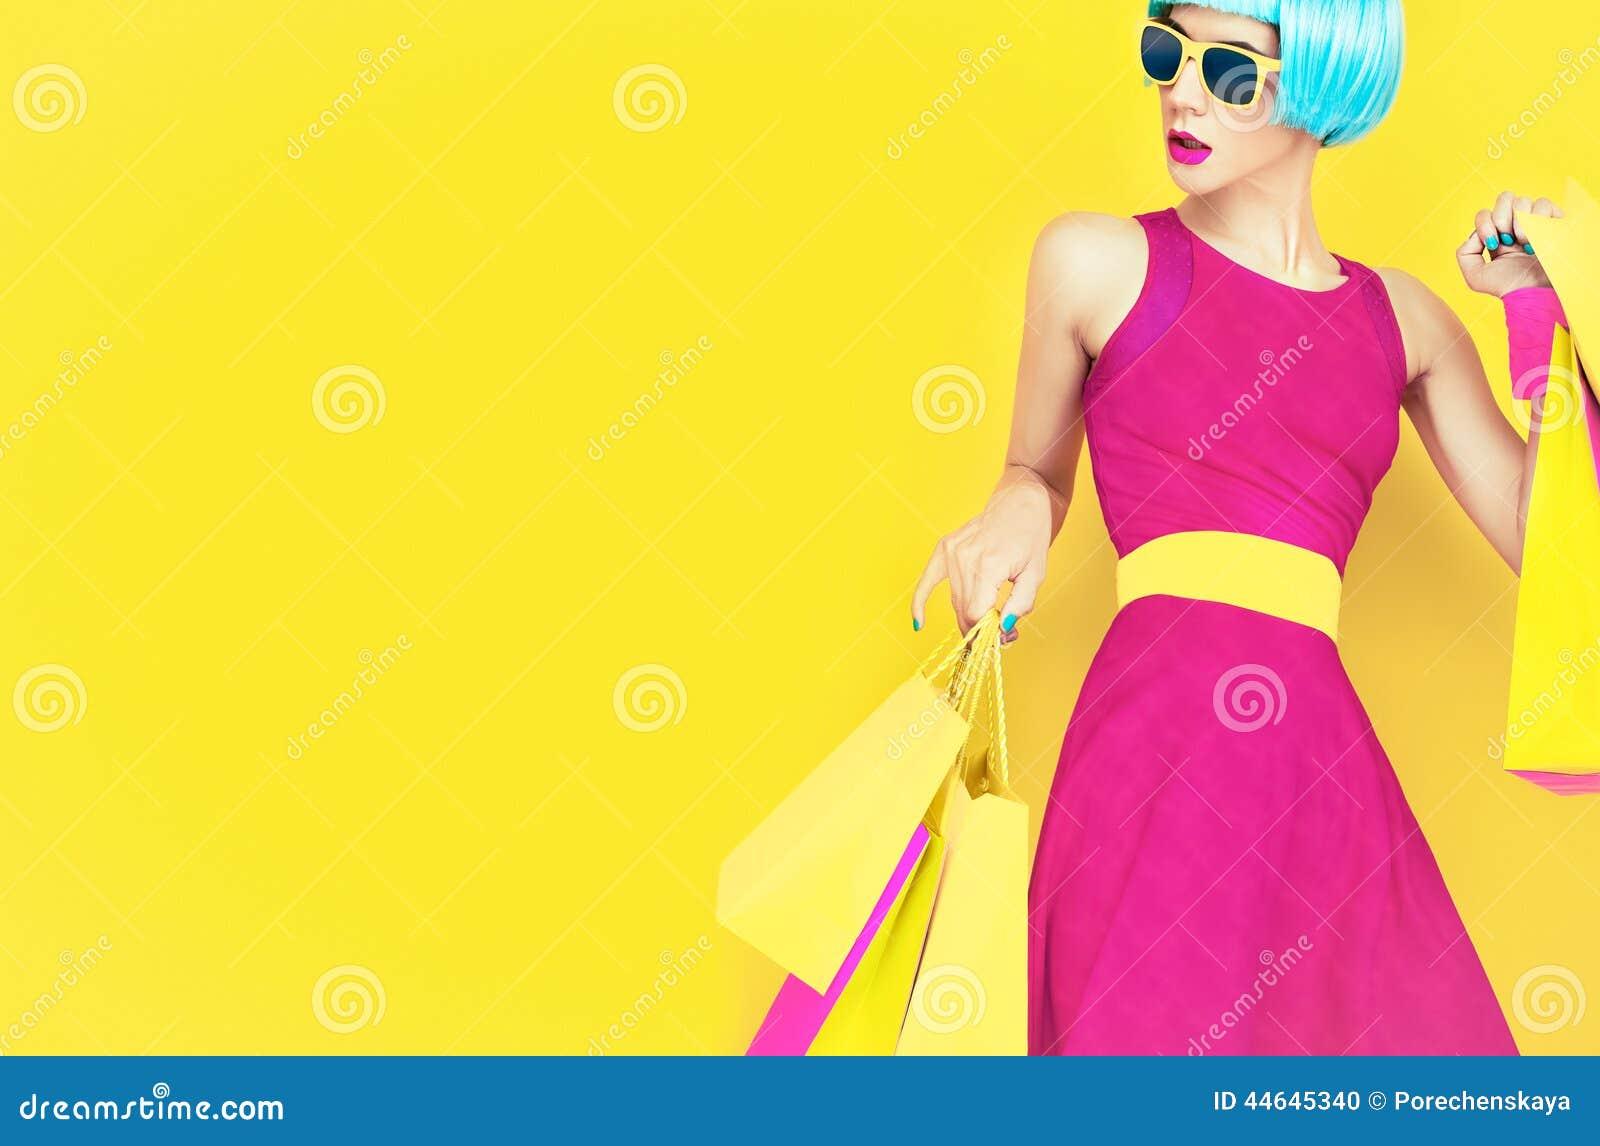 Lassen Sie uns gehen! Bezaubernde Modedame